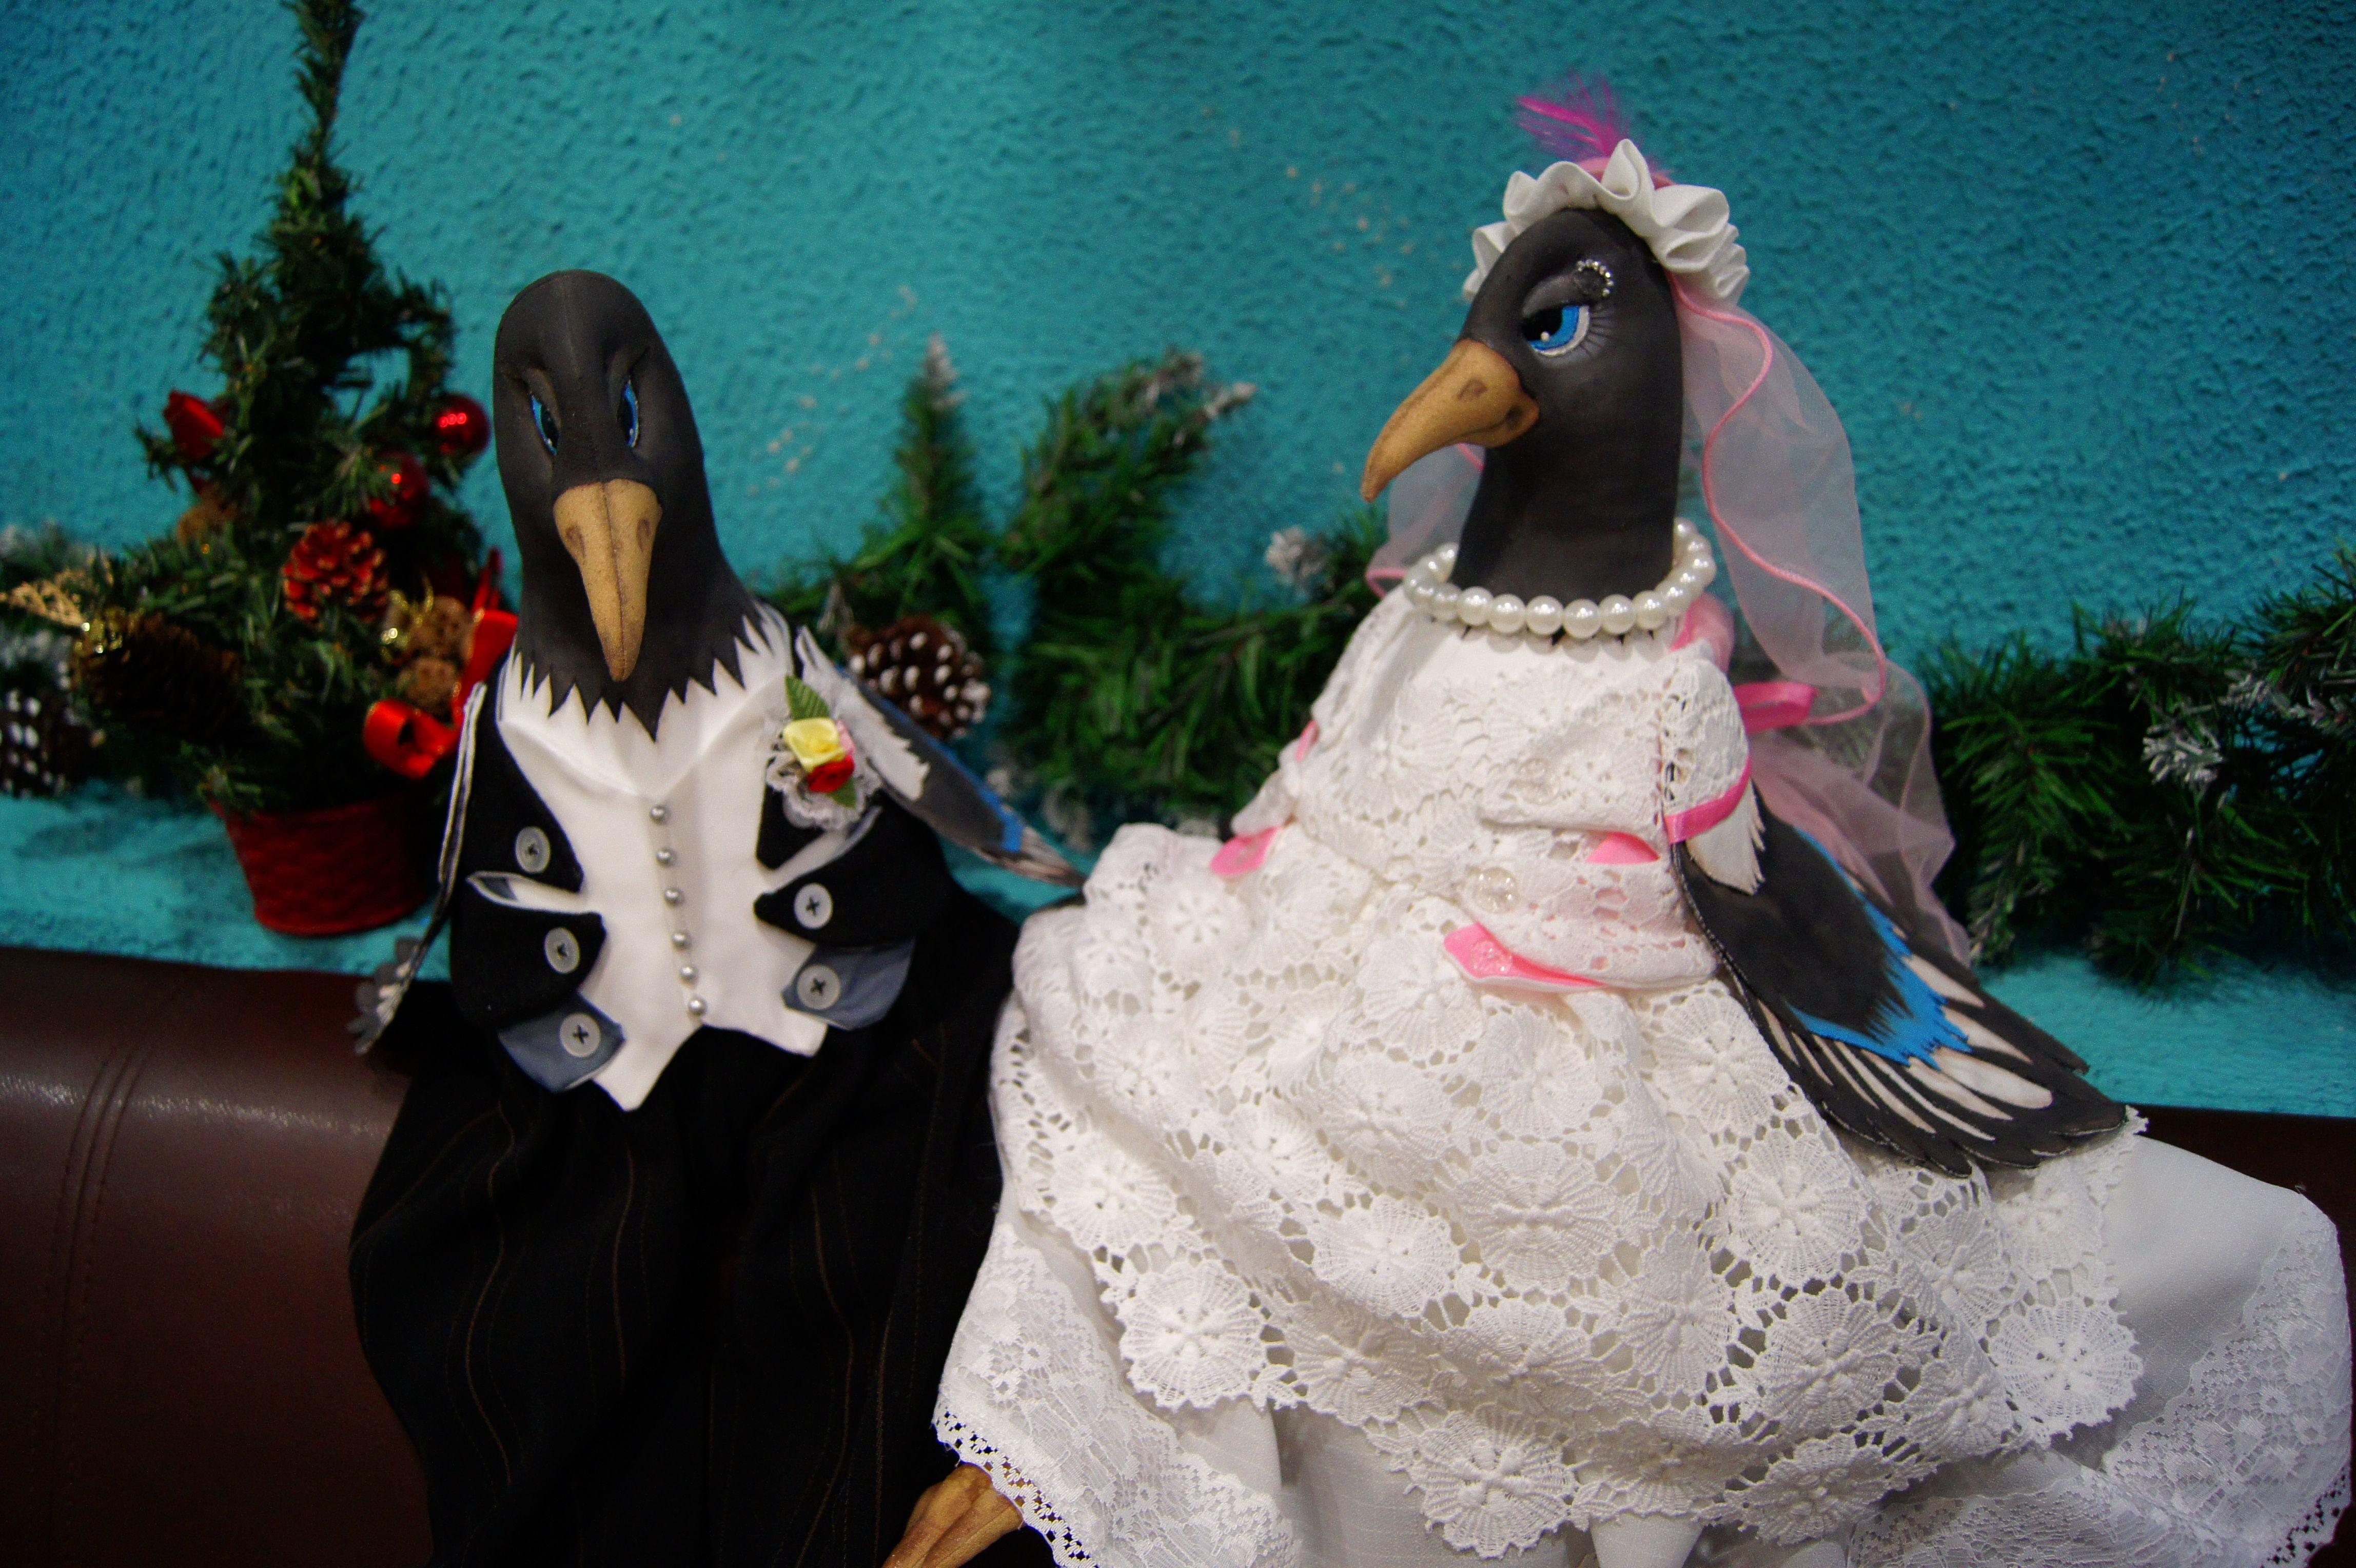 подарок идеяподарка куклаизткани кукласвоимируками интерьернаякукла кукланазаказ